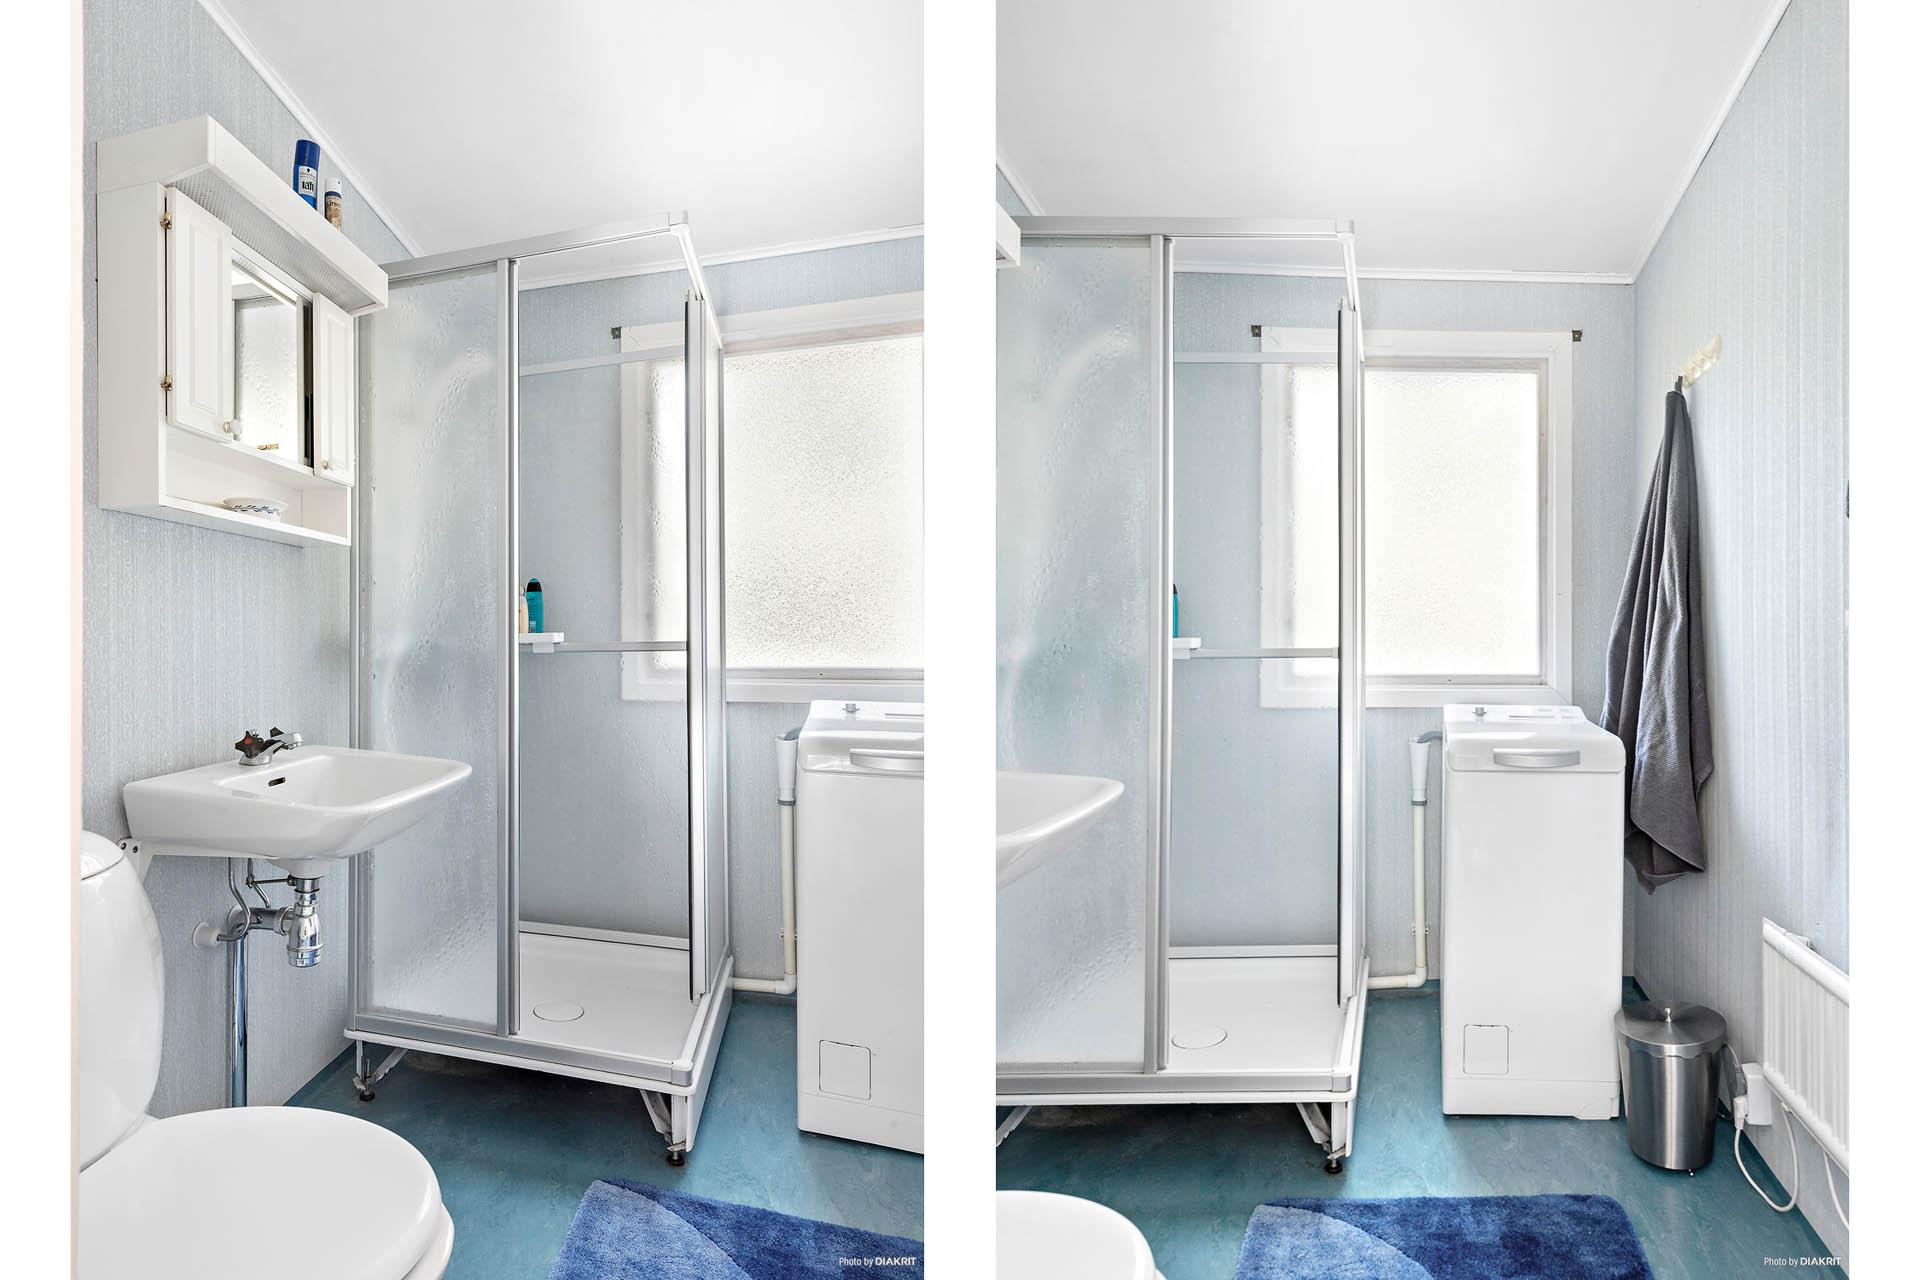 Badrummet har duschkabin och toppmatad tvättmaskin. Fräscht och välskött.